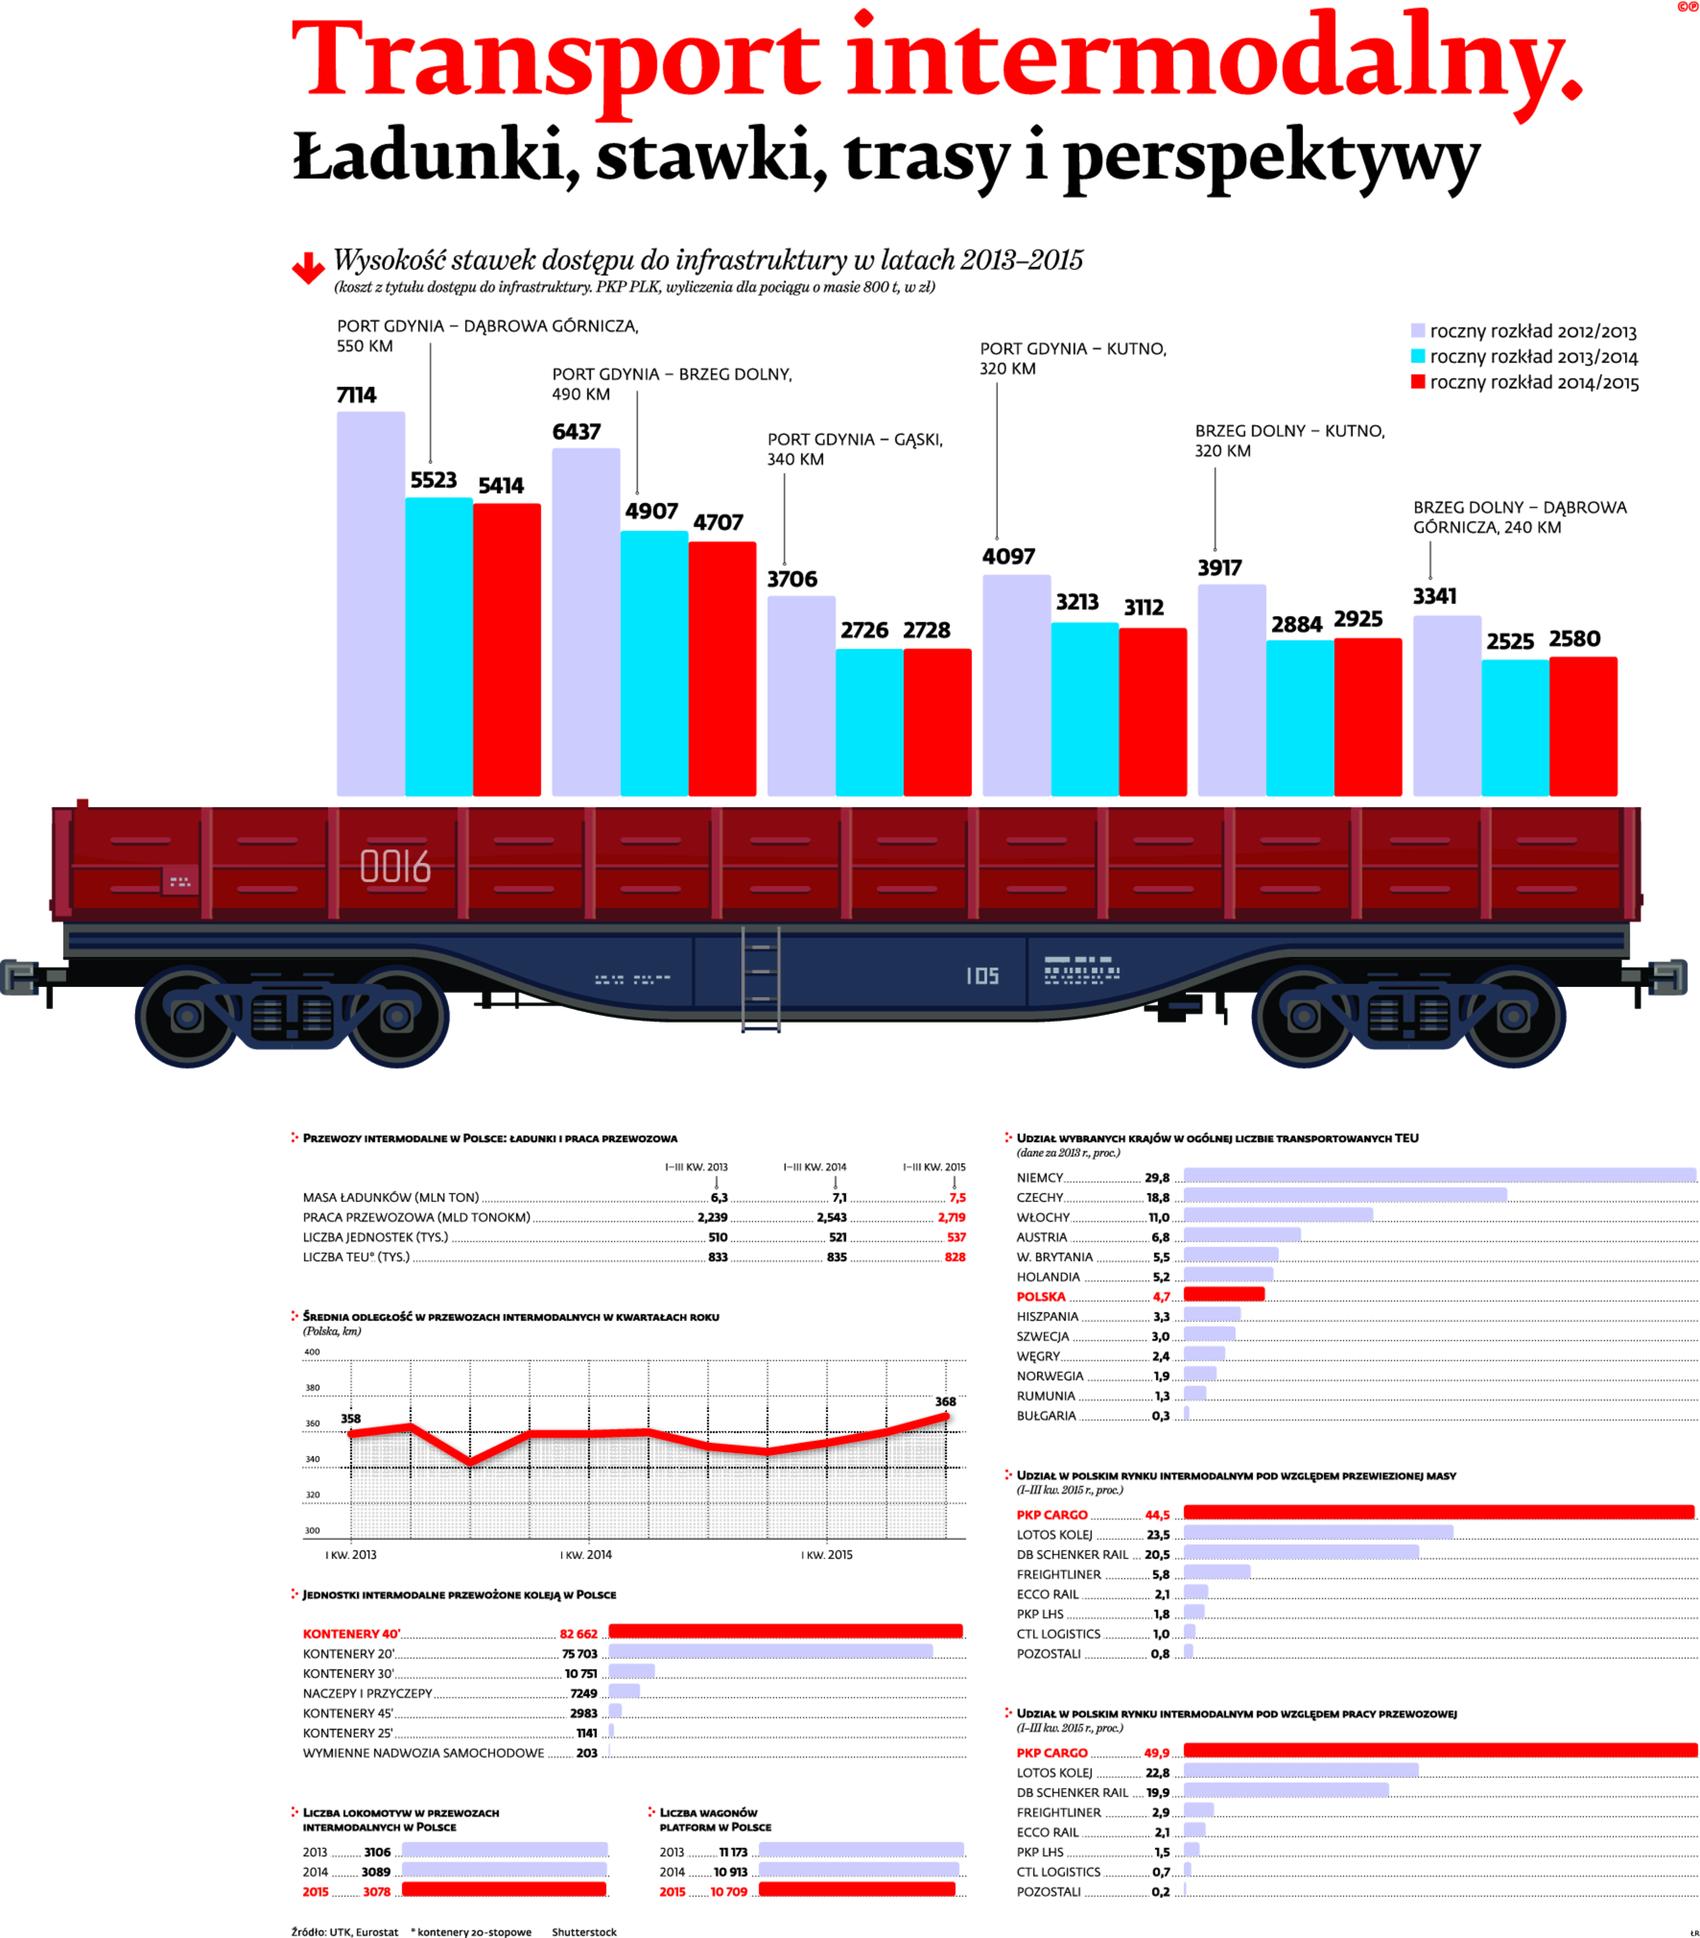 Transport intermodalny, Ładunki, stawki, trasy i perspektywy